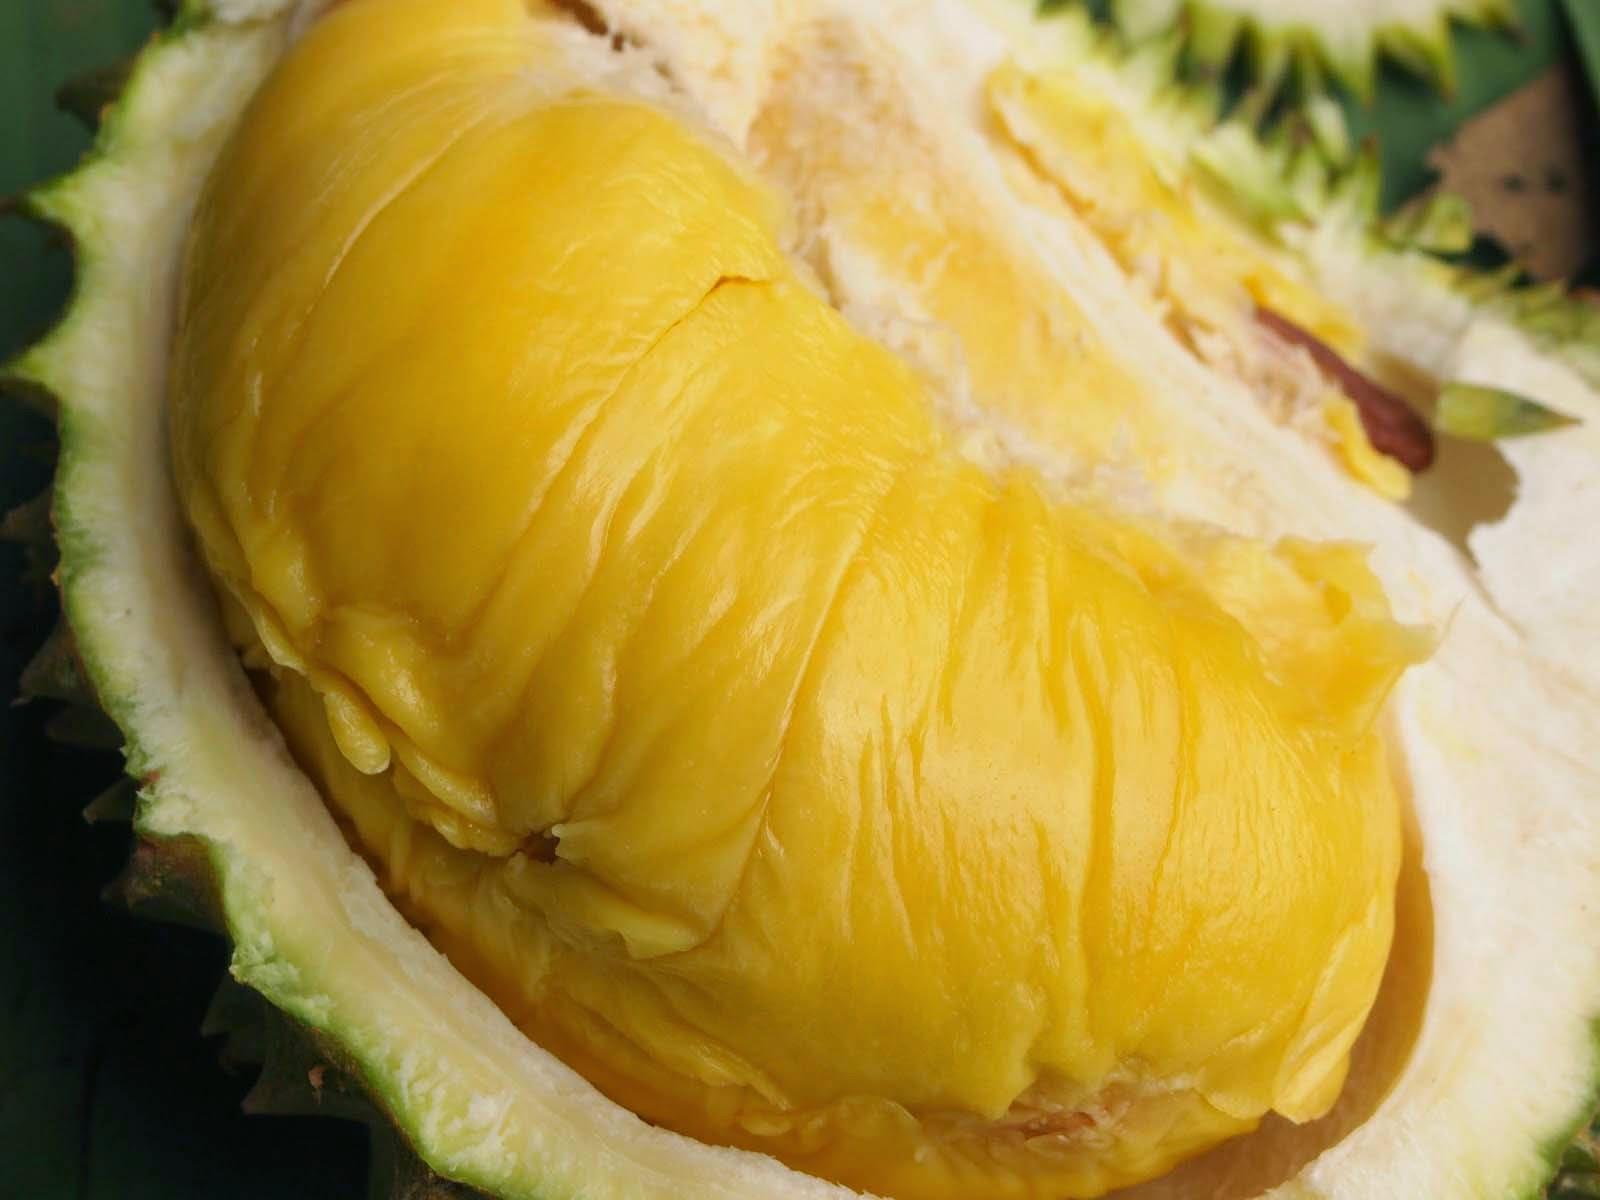 Manfaat Buah Durian untuk Kesehatan